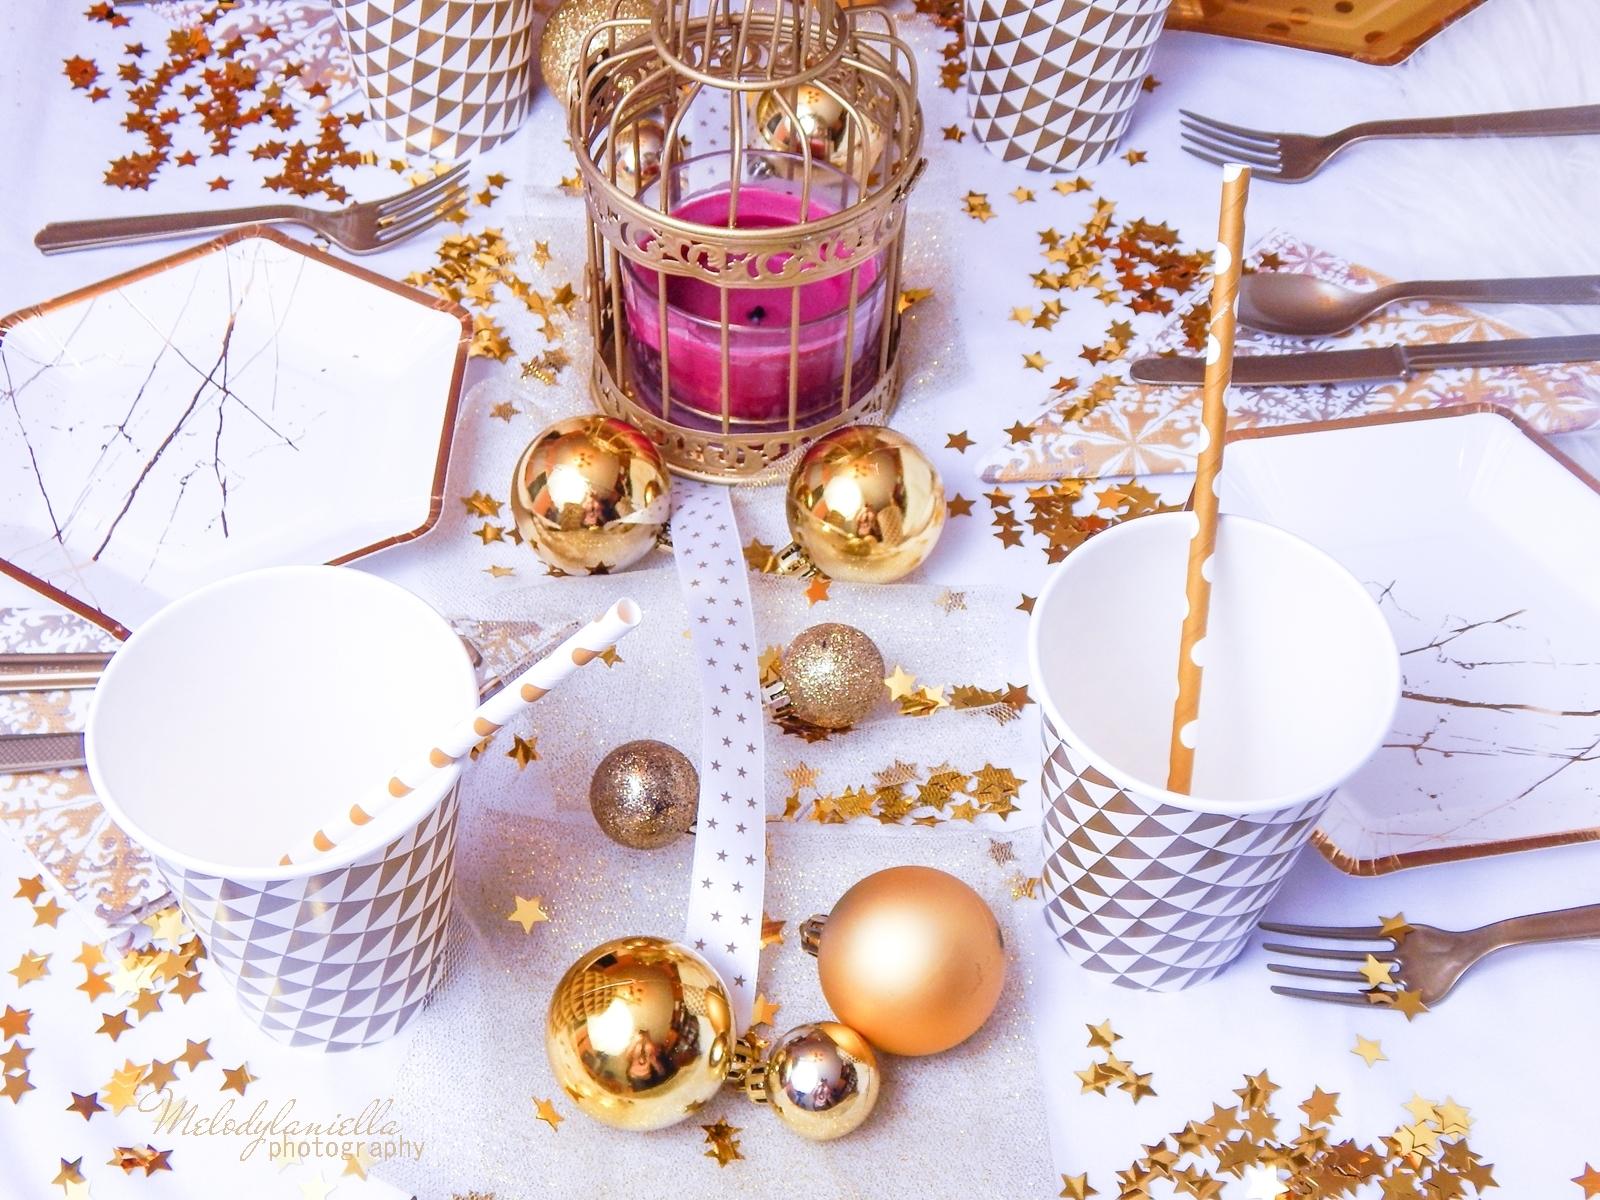 14 jak udekorować stół na imprezę dekoracja stołu karnawałowego świątecznego weselnego urodzinowego dekoracje dodatki partybox.pl partybox sklep z dodatkami na imprezy ciekawe gadżety